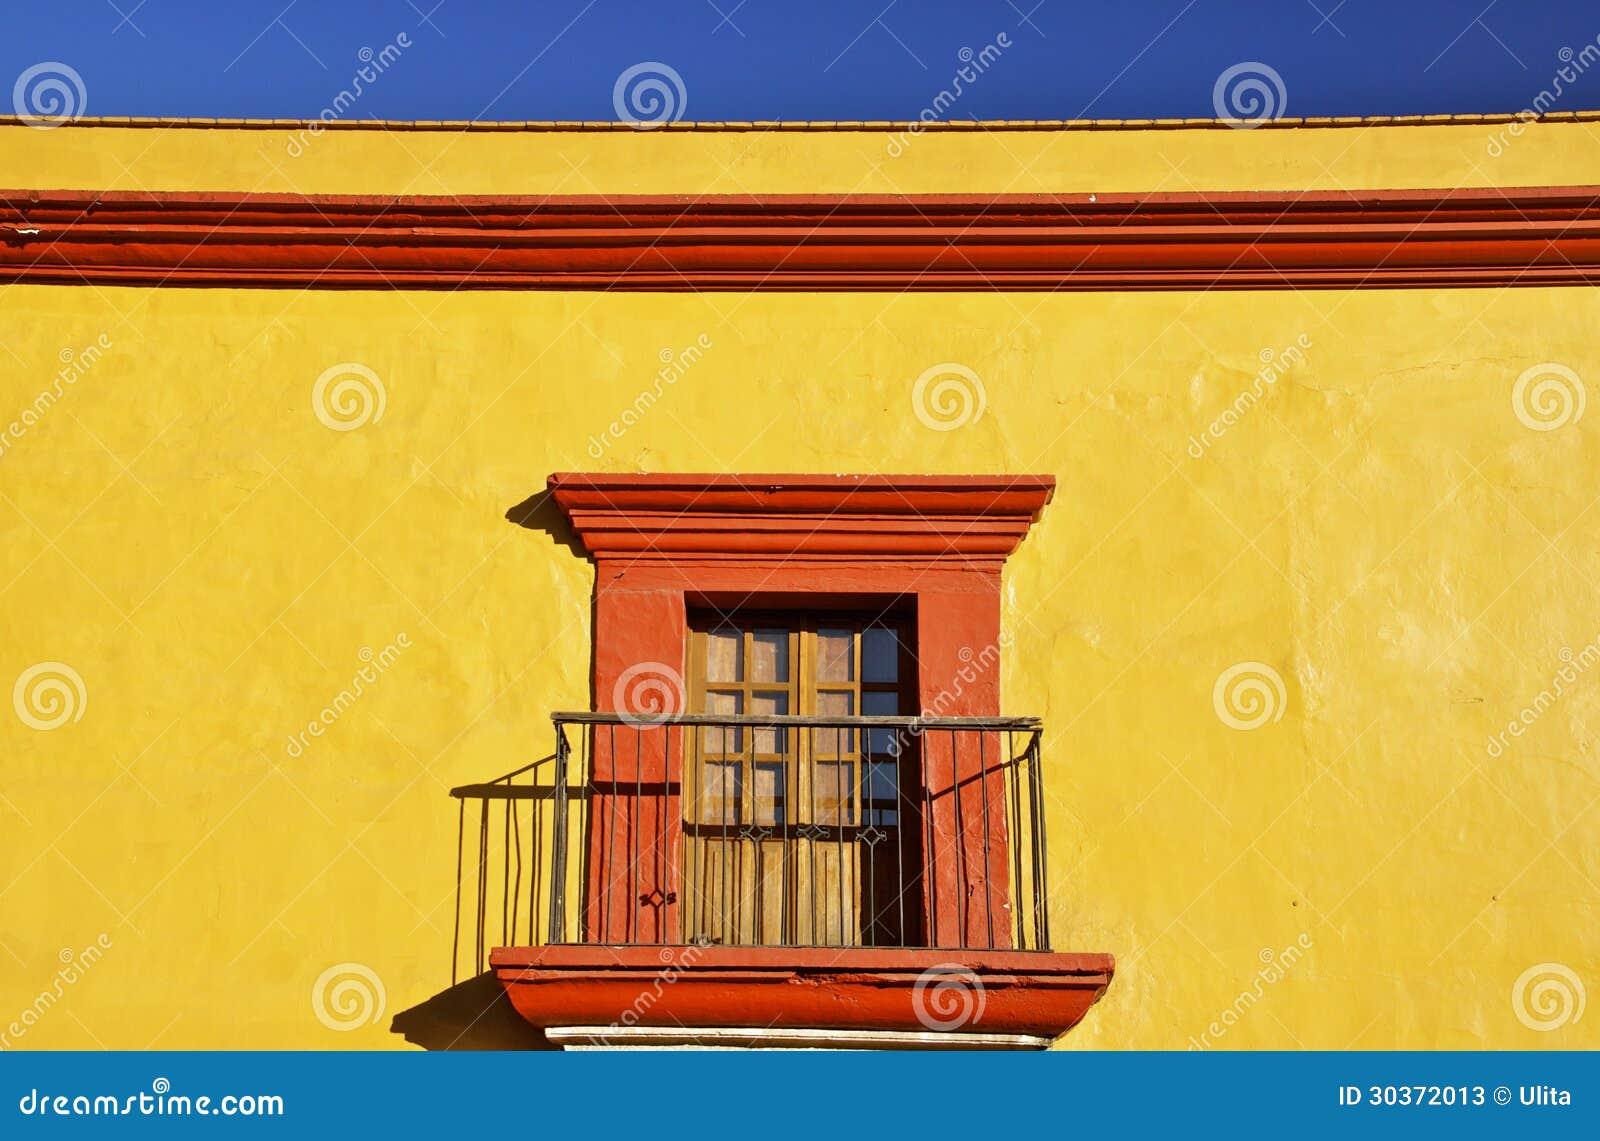 Detalle de la casa colonial mexicana amarilla fotos de - Detalles para la casa ...